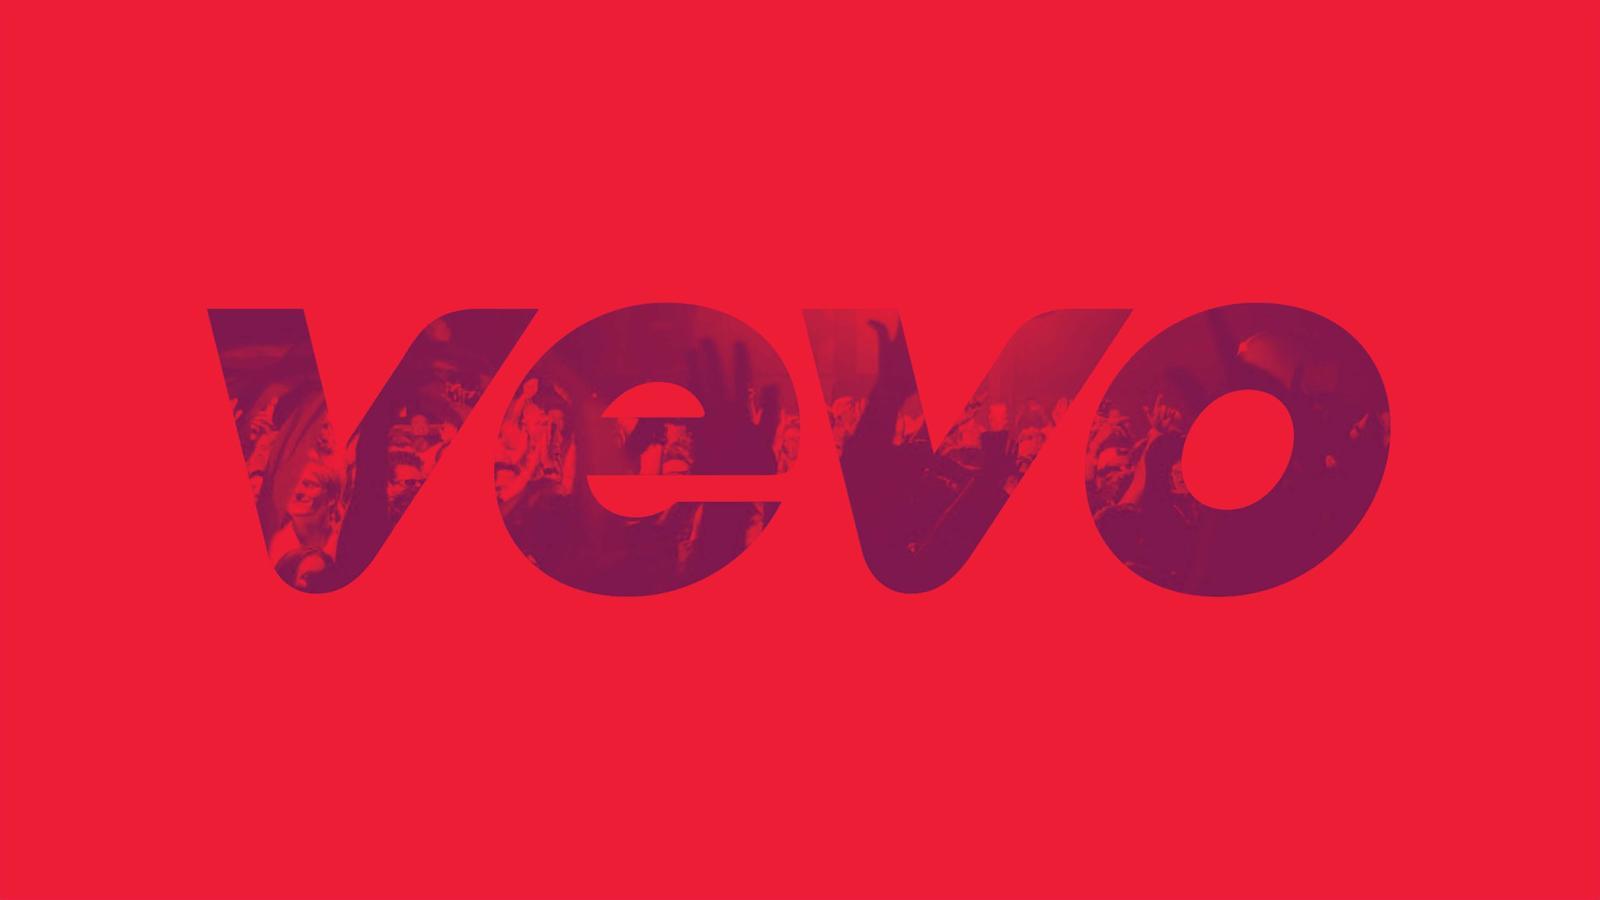 Logotipo del servicio Vevo en fondo rojo